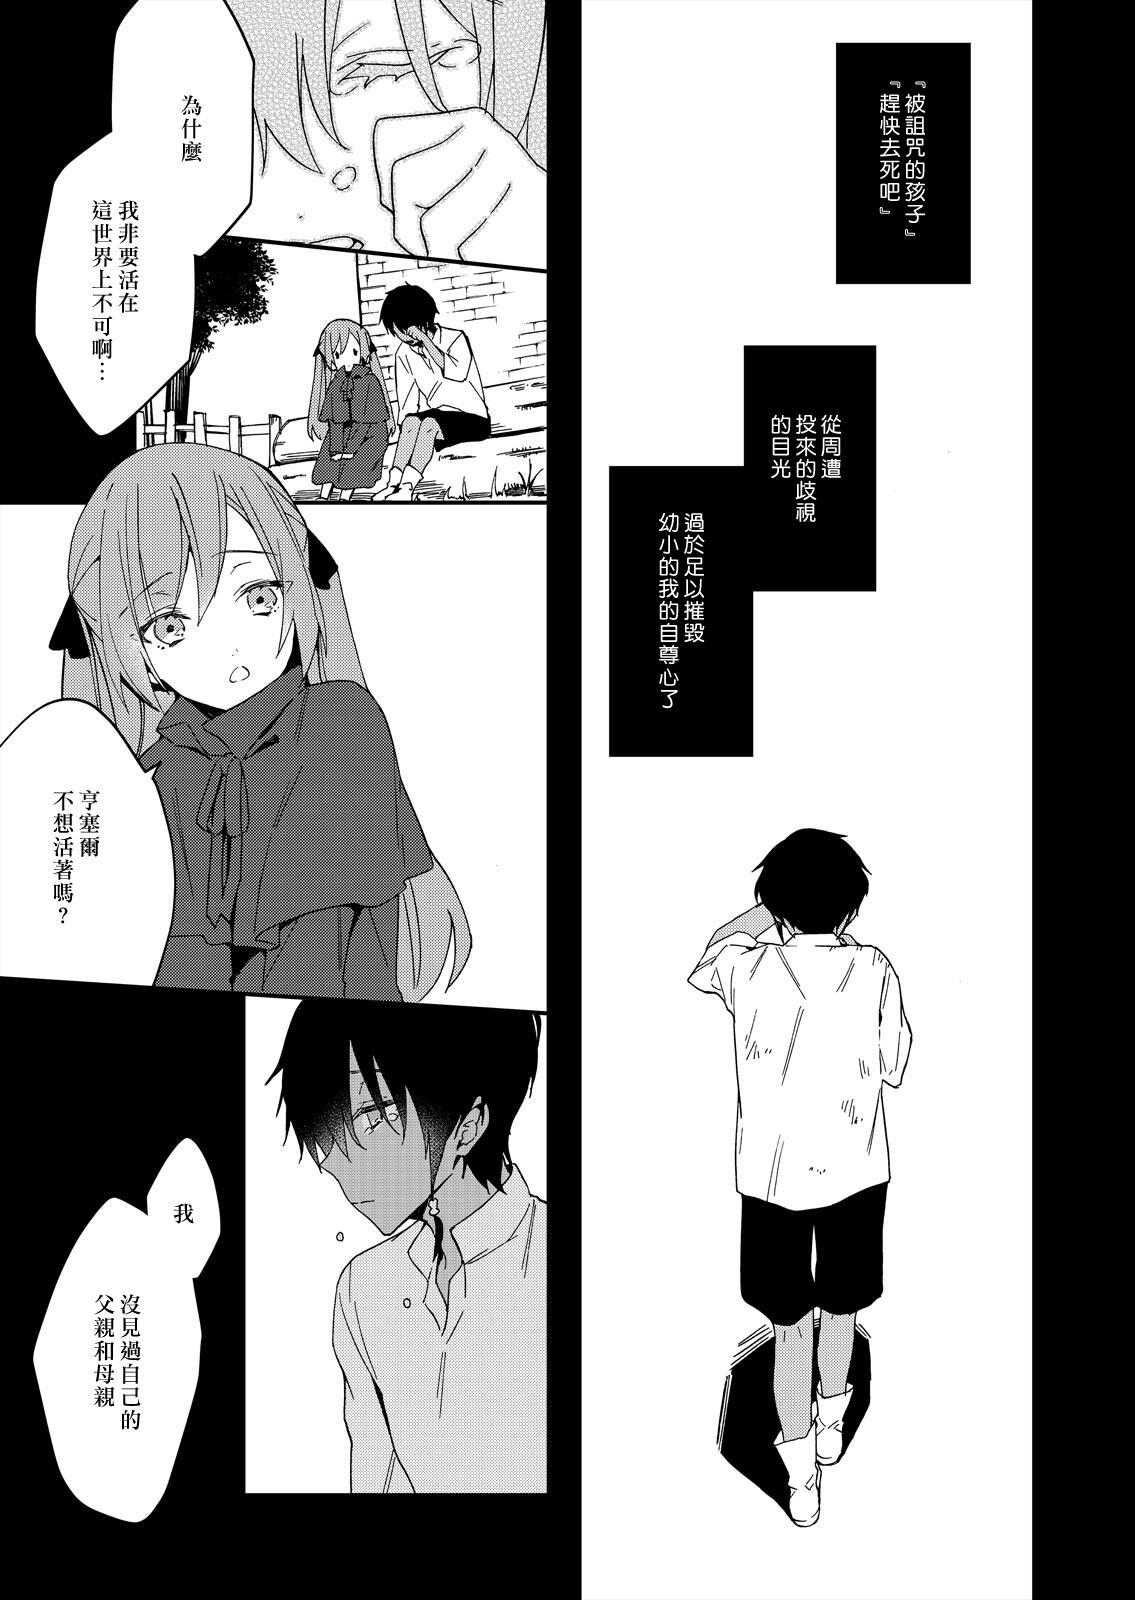 [Yuzushiwo] Akuyaku Reijou wa Ichizu ni Dekiai sarete ~Noumitsu Sex no Aite wa Juuboku~ | 被疯狂溺爱的反派大小姐~浓密性爱对象是仆从~ 1-5 [Chinese] [莉赛特汉化组] 114